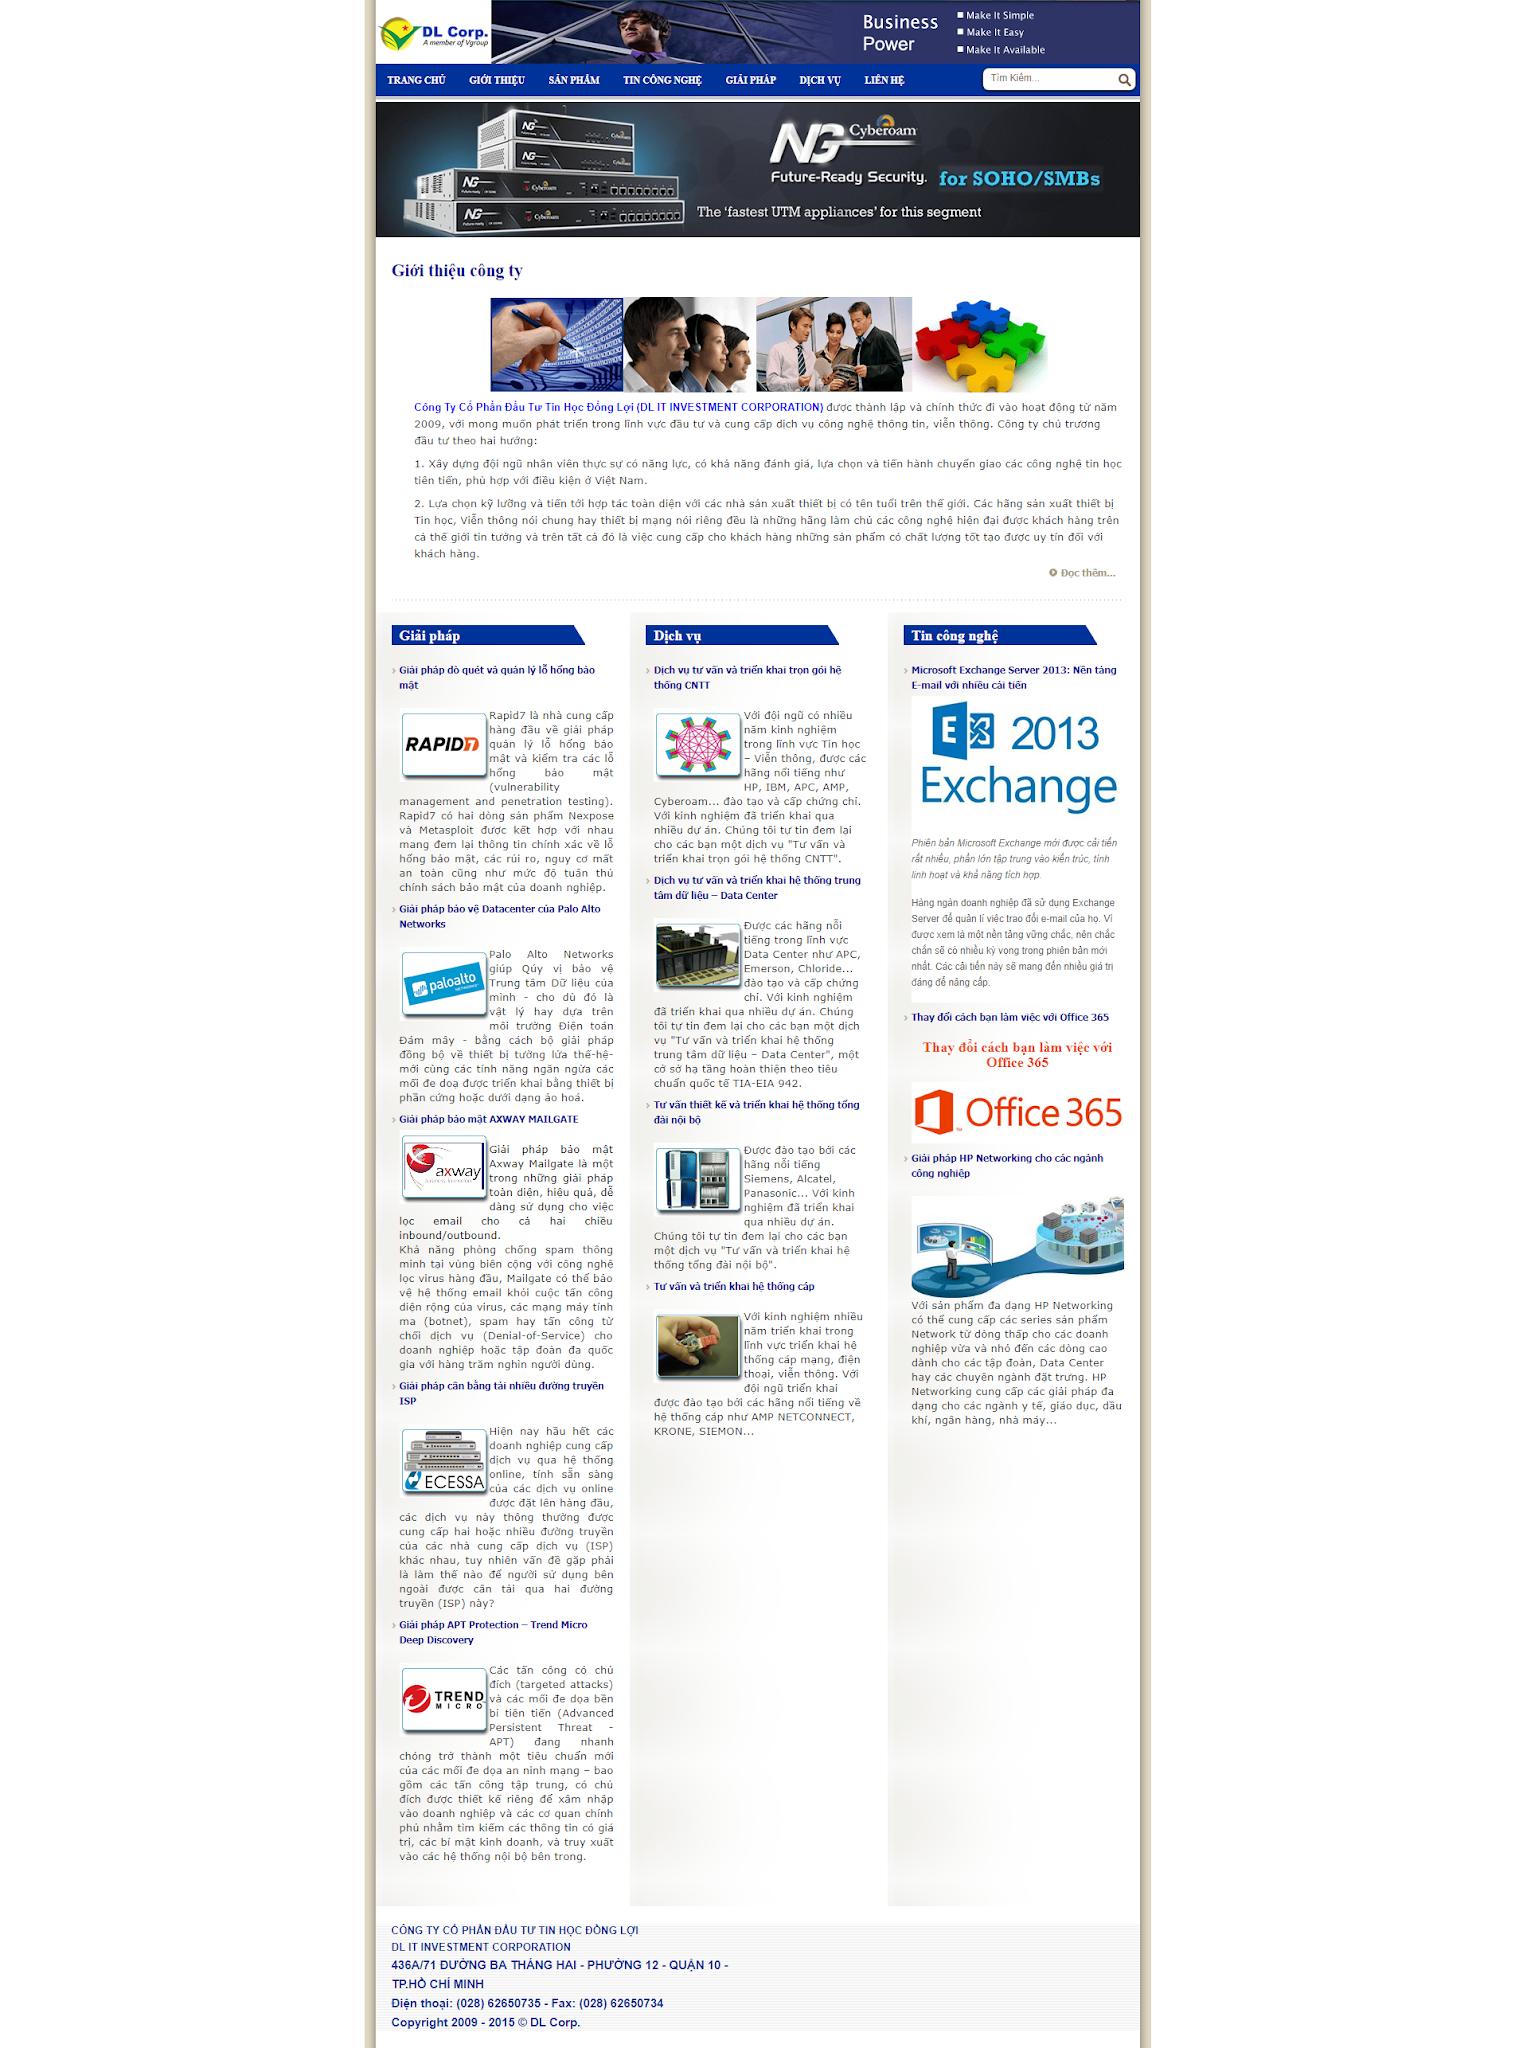 giới thiệu công ty doanh nghiệp KDM002